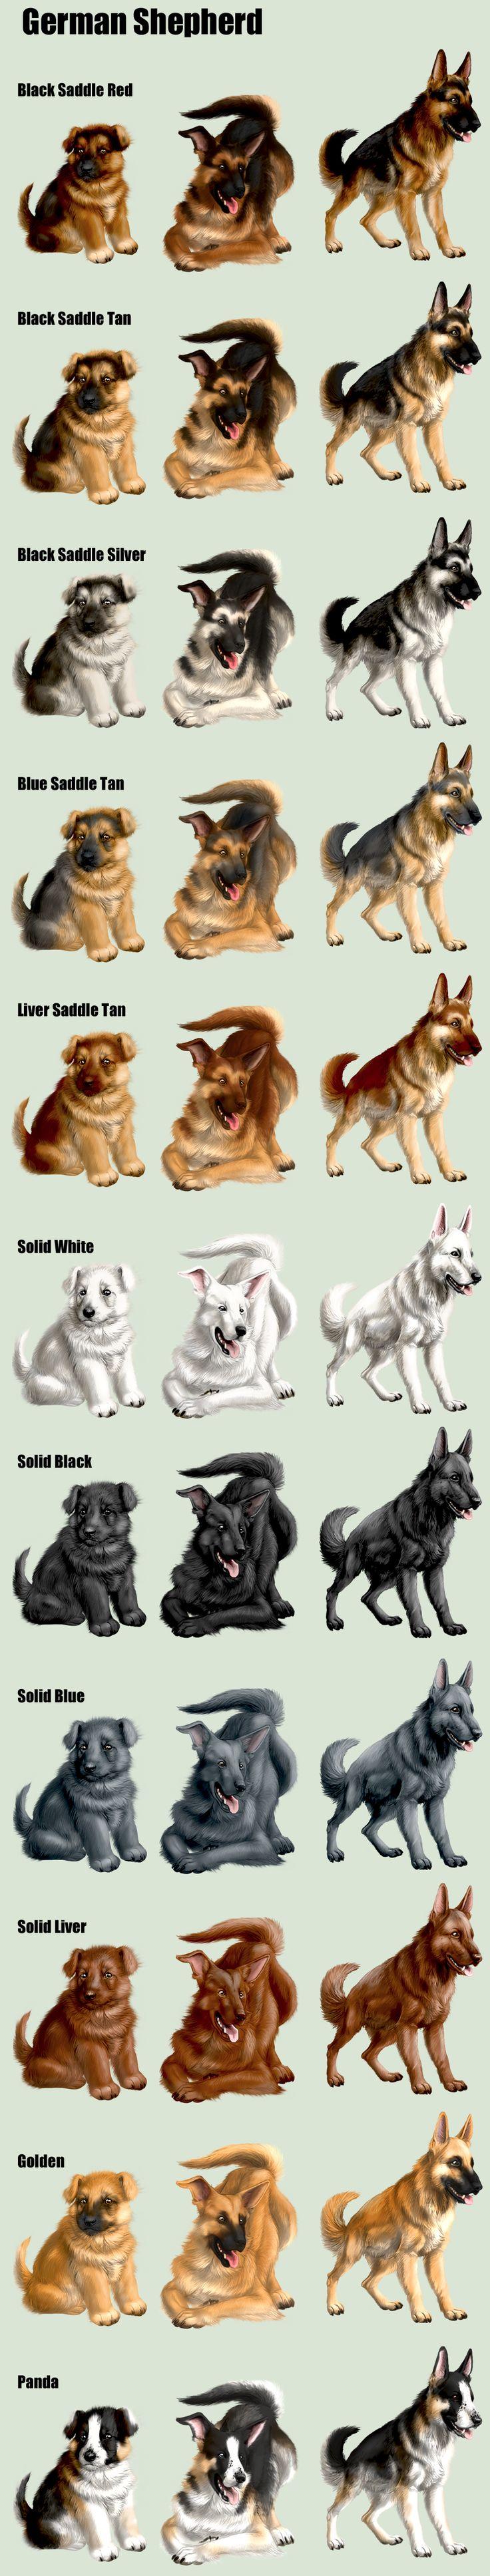 squiby_spoiler_dog_germanshepherd_by_elen89-d75xb1z.png (900×4735)